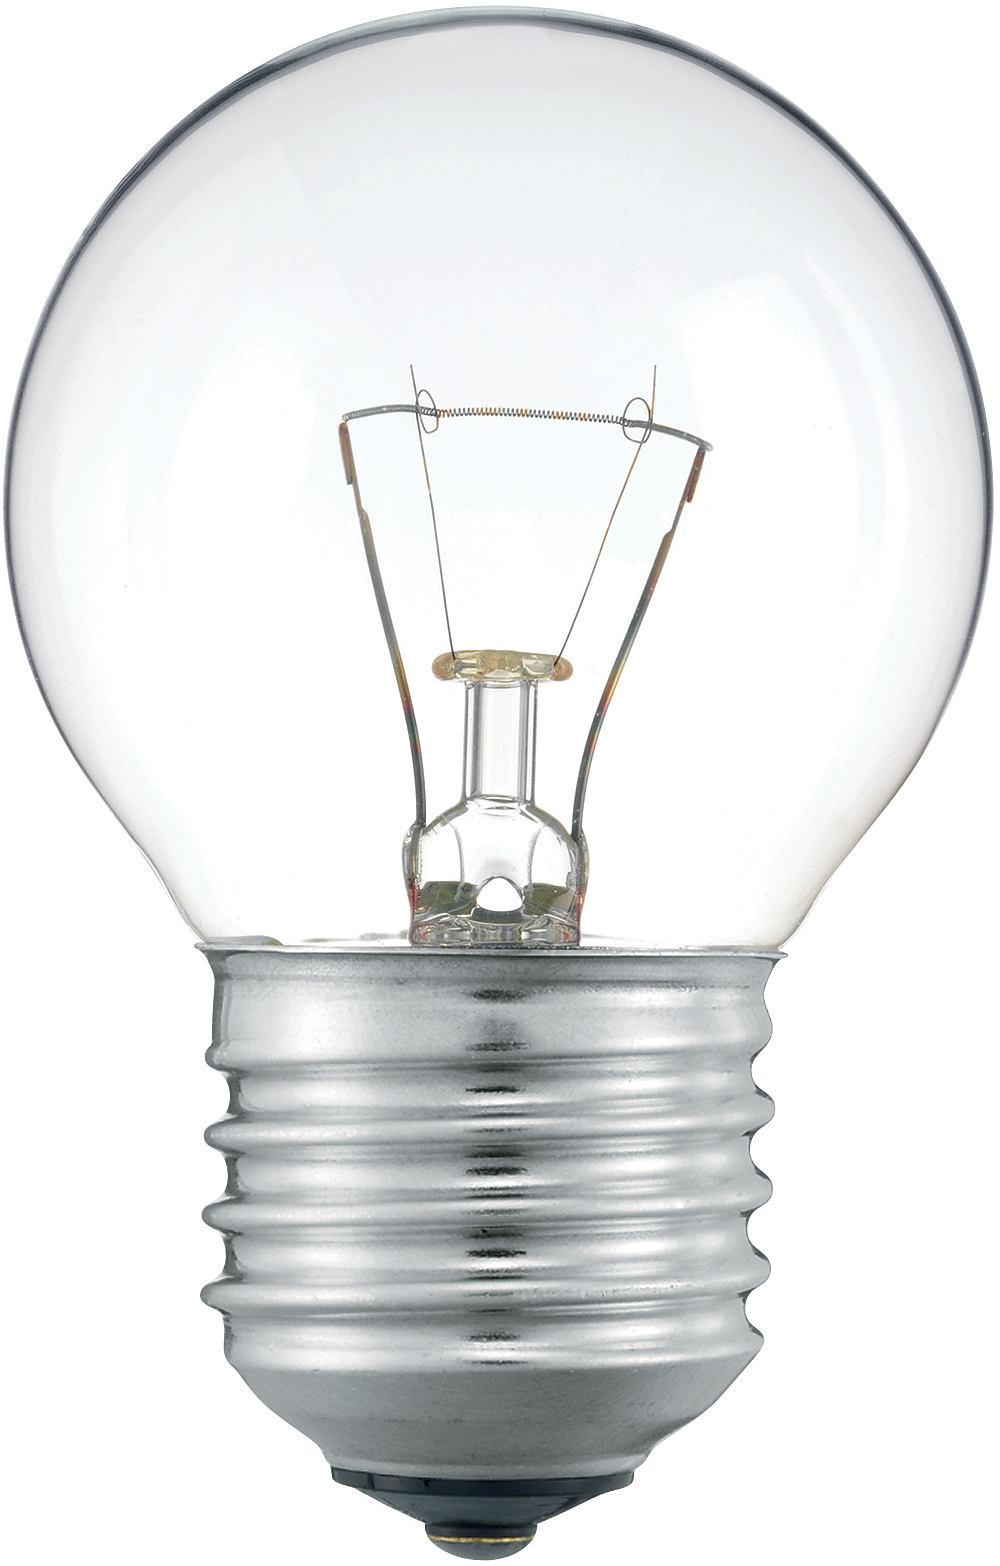 'Лампа капля прозрачная 60 W Е27